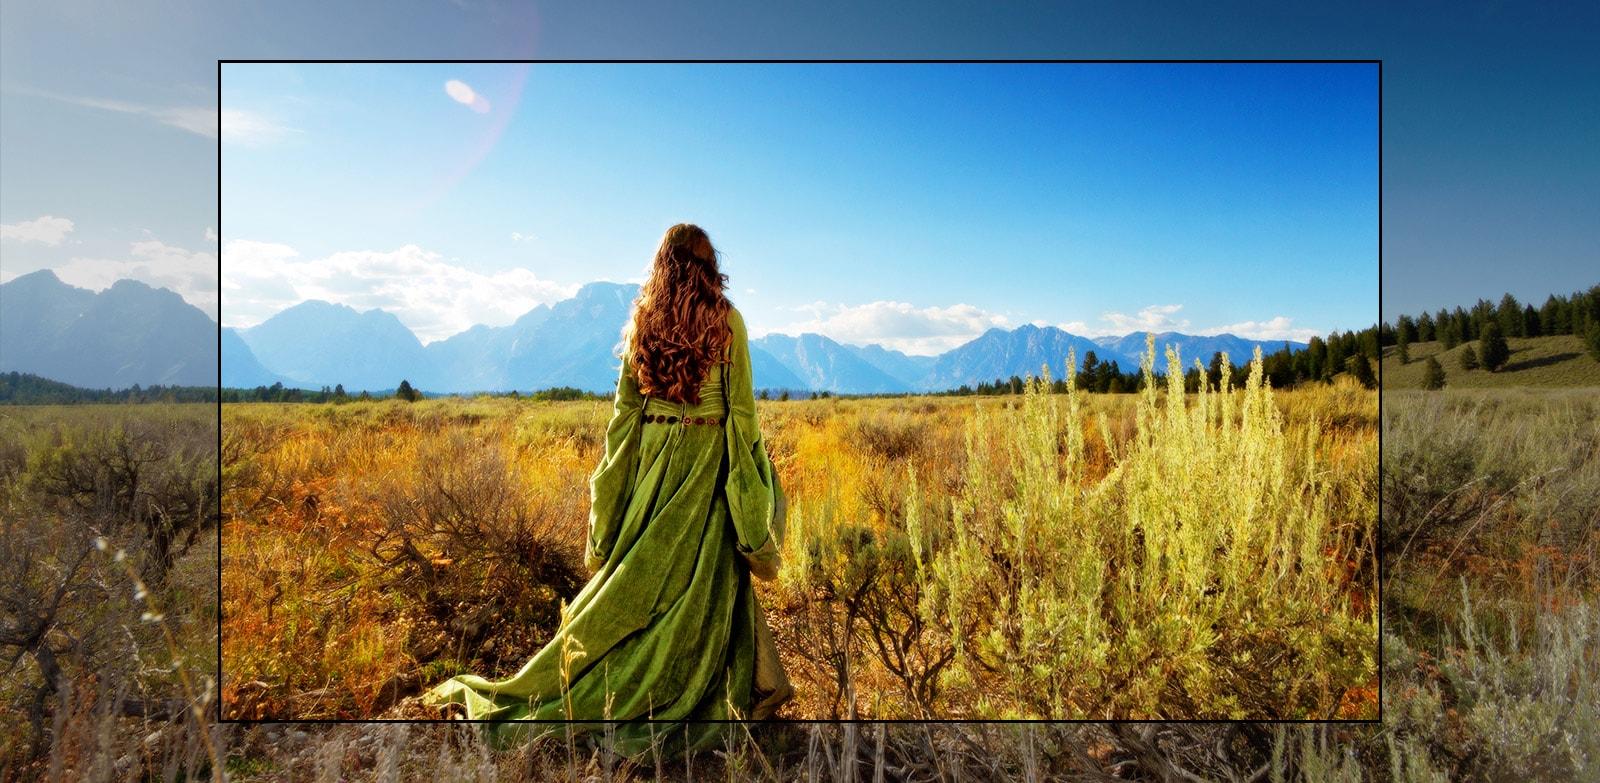 TV ekrane rodoma scena iš fantastinio filmo, kurioje moteris stovi laukuose atsigręžusi į kalnus.